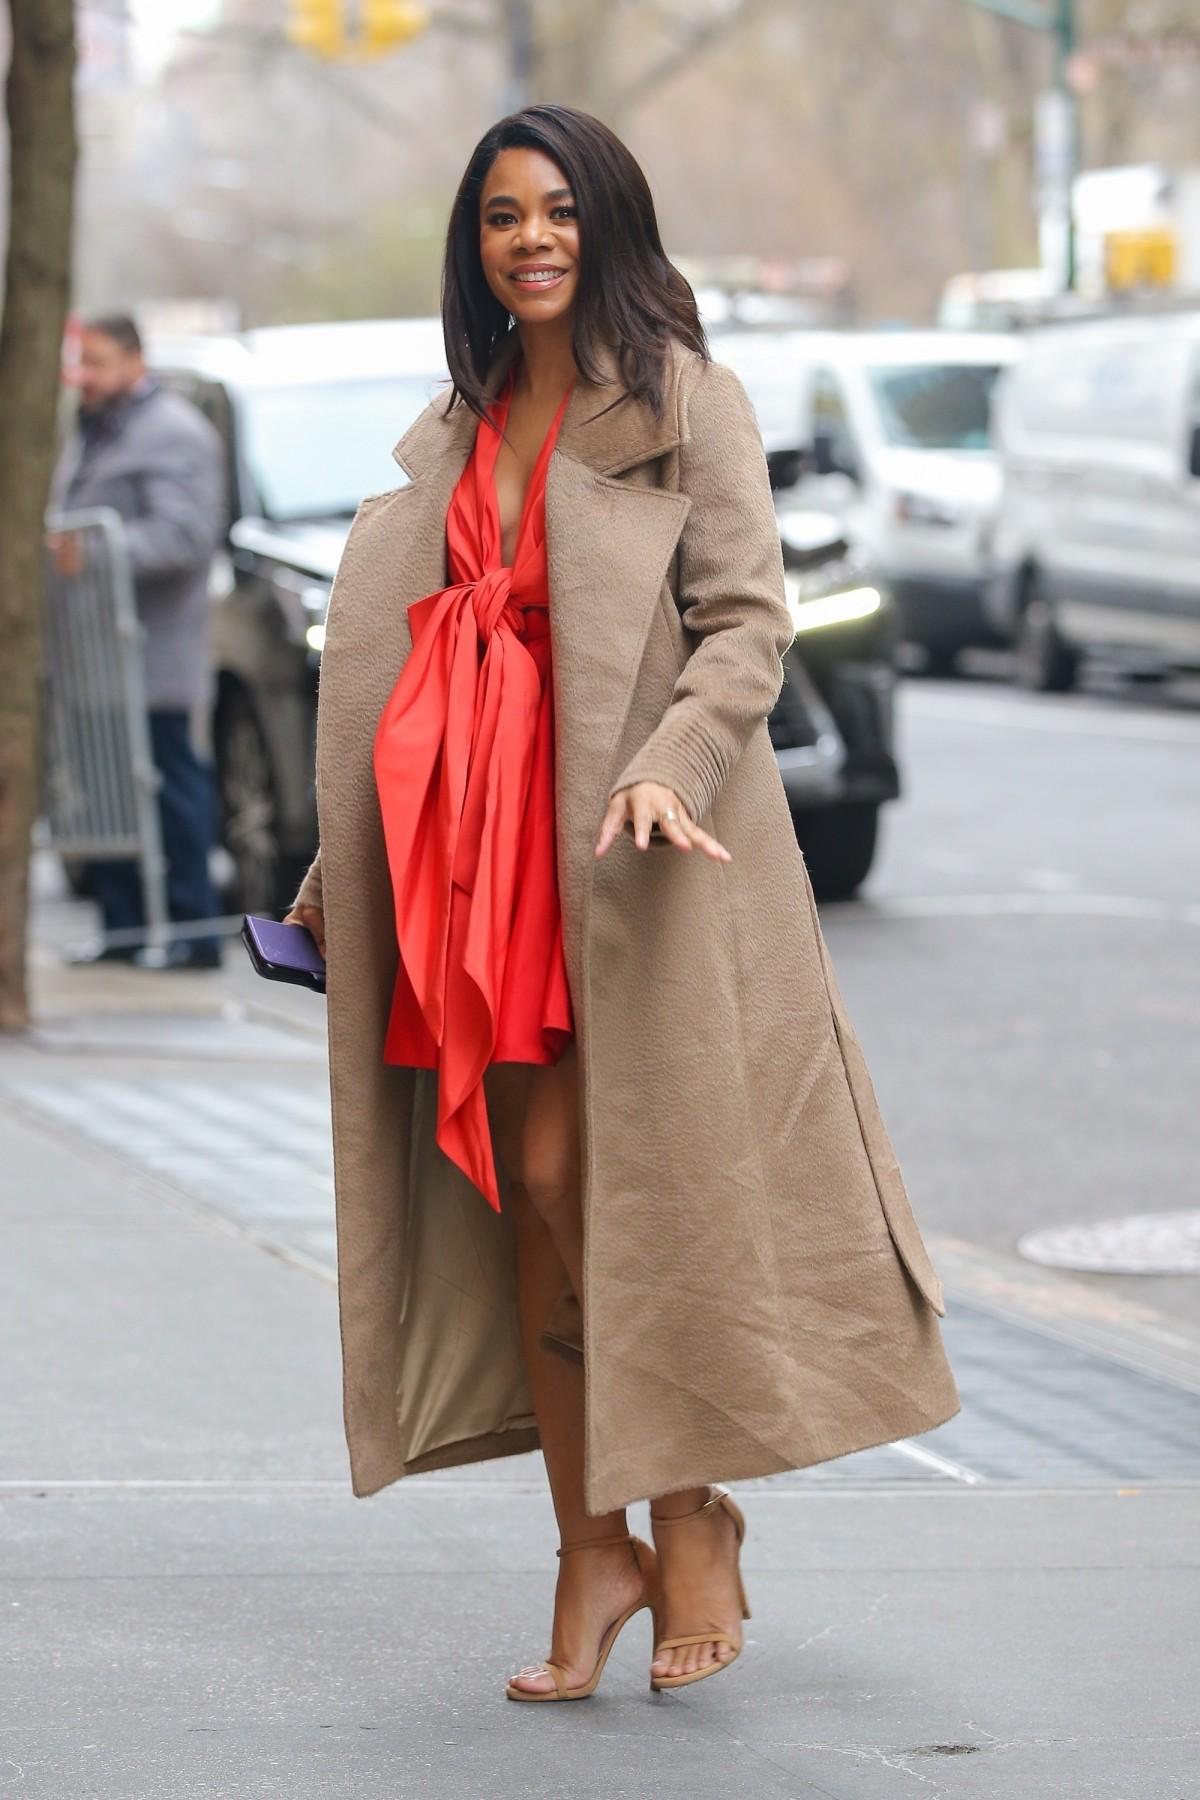 Regina Hall looks stunning in an orange mini dress with a big bowtie